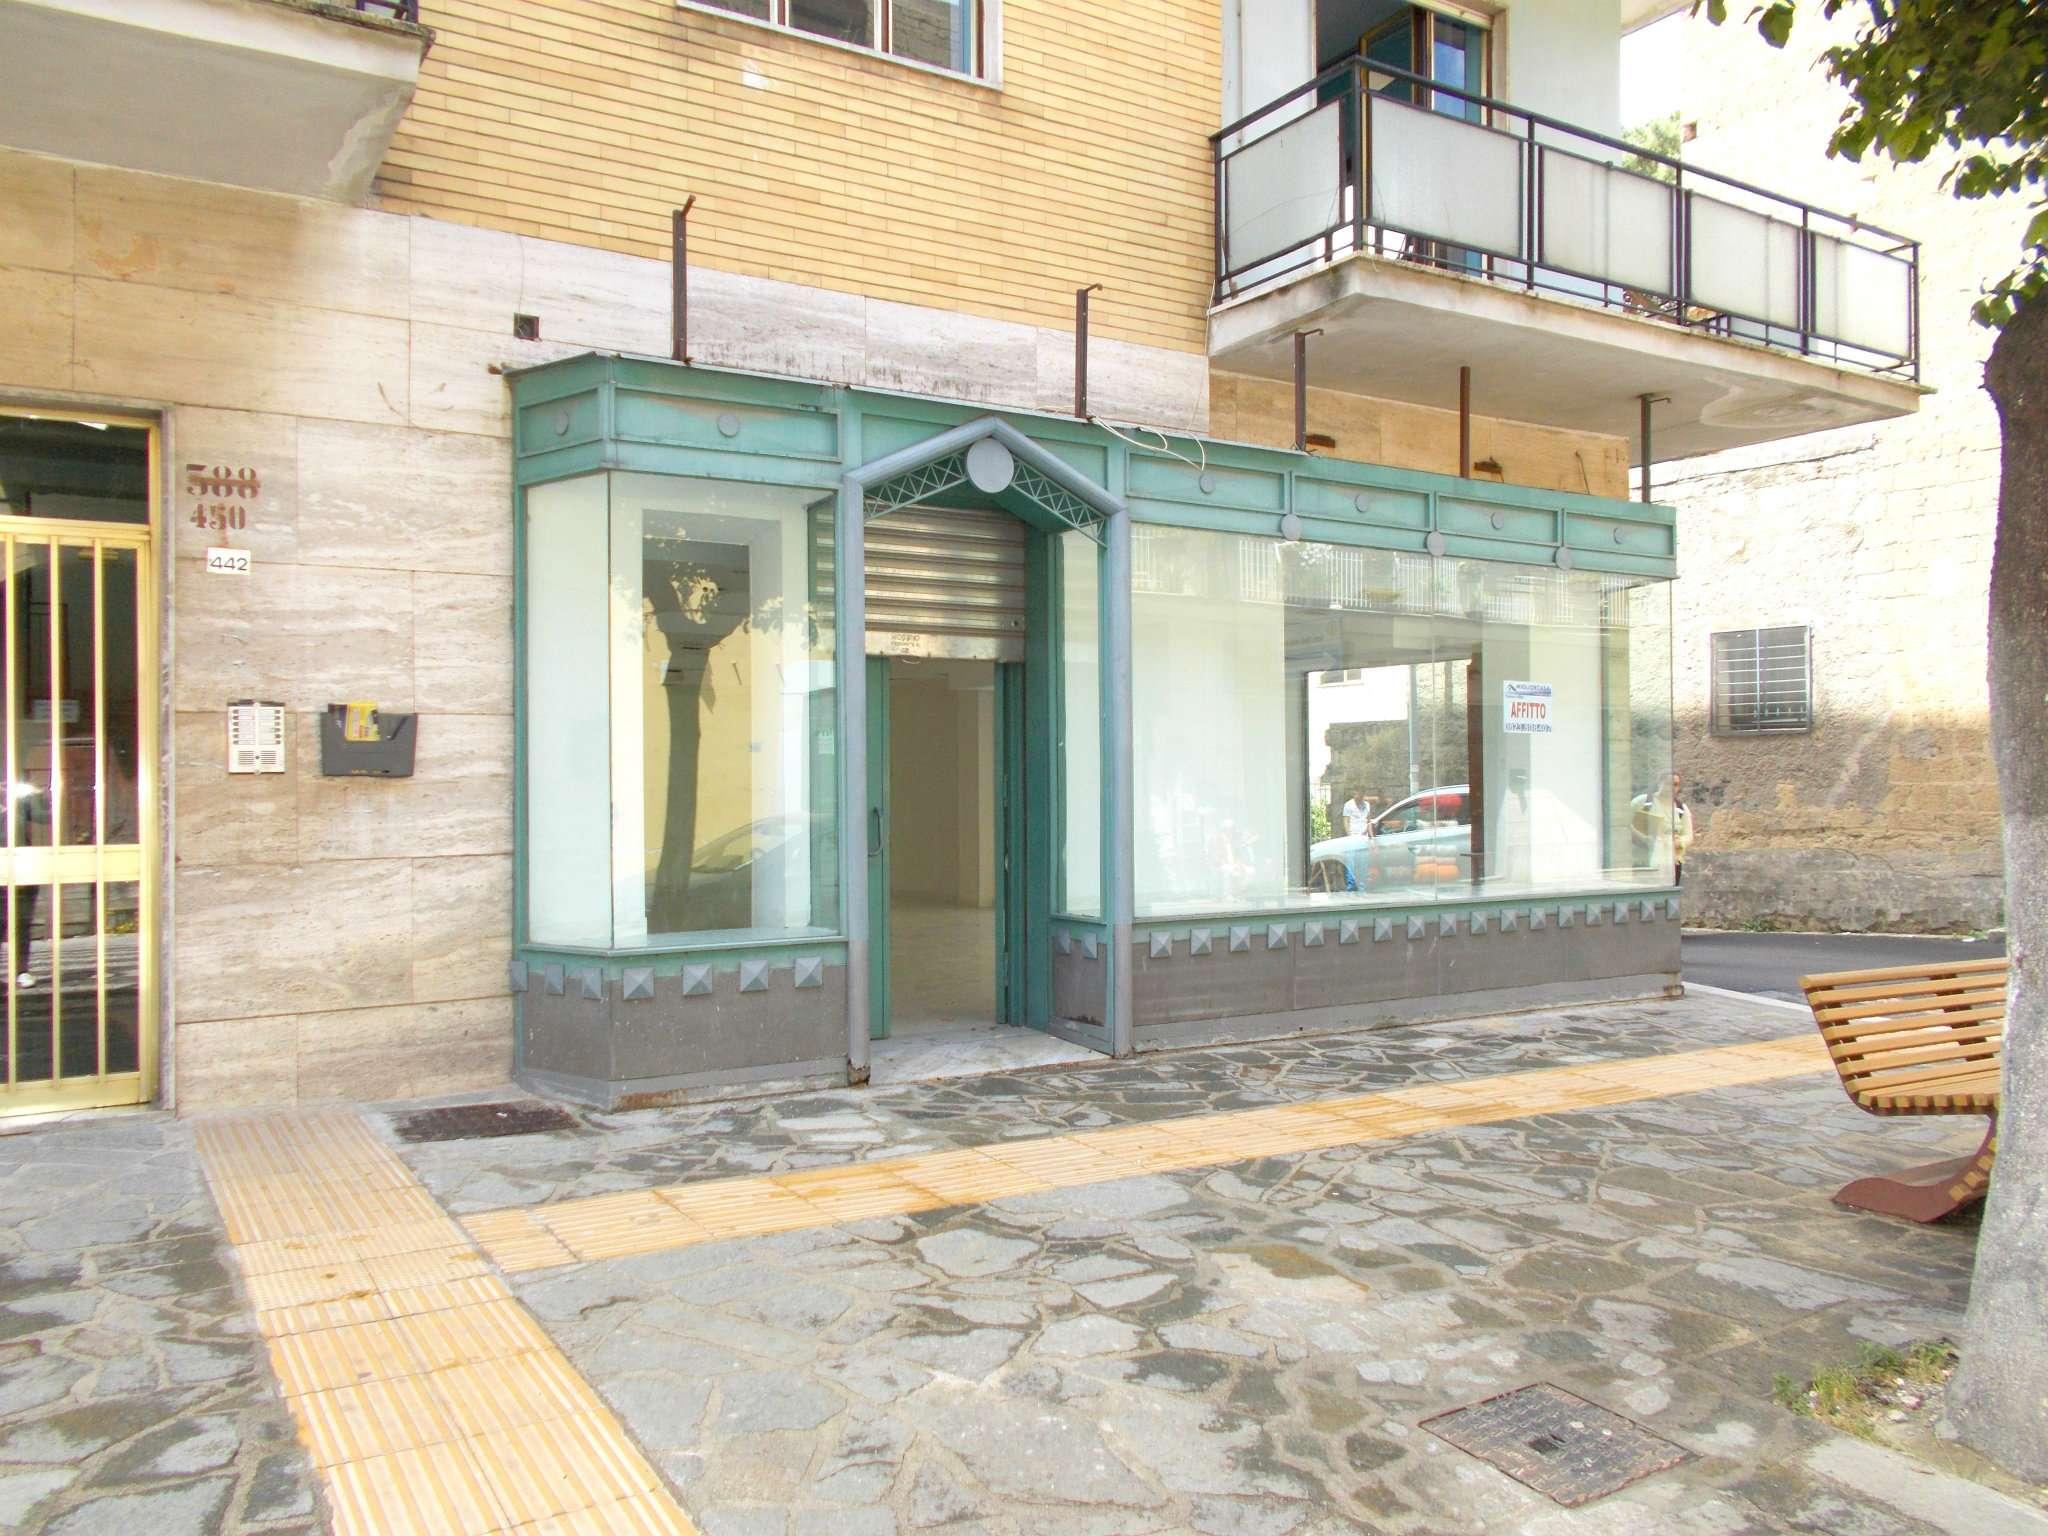 Negozio / Locale in affitto a Santa Maria a Vico, 1 locali, prezzo € 600   Cambio Casa.it